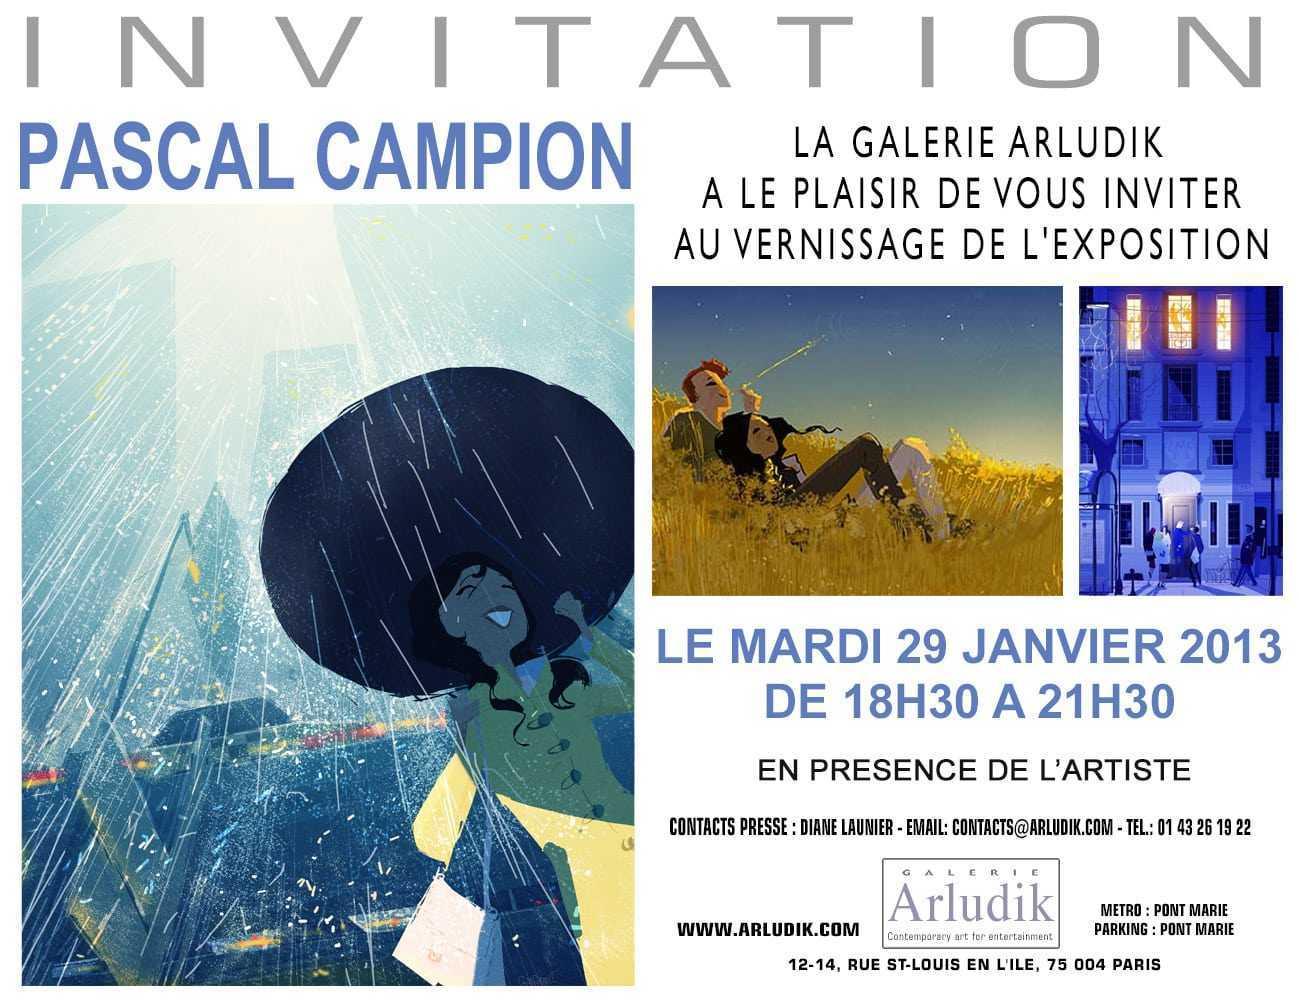 Pascal Campion expose chez Arludik à Paris